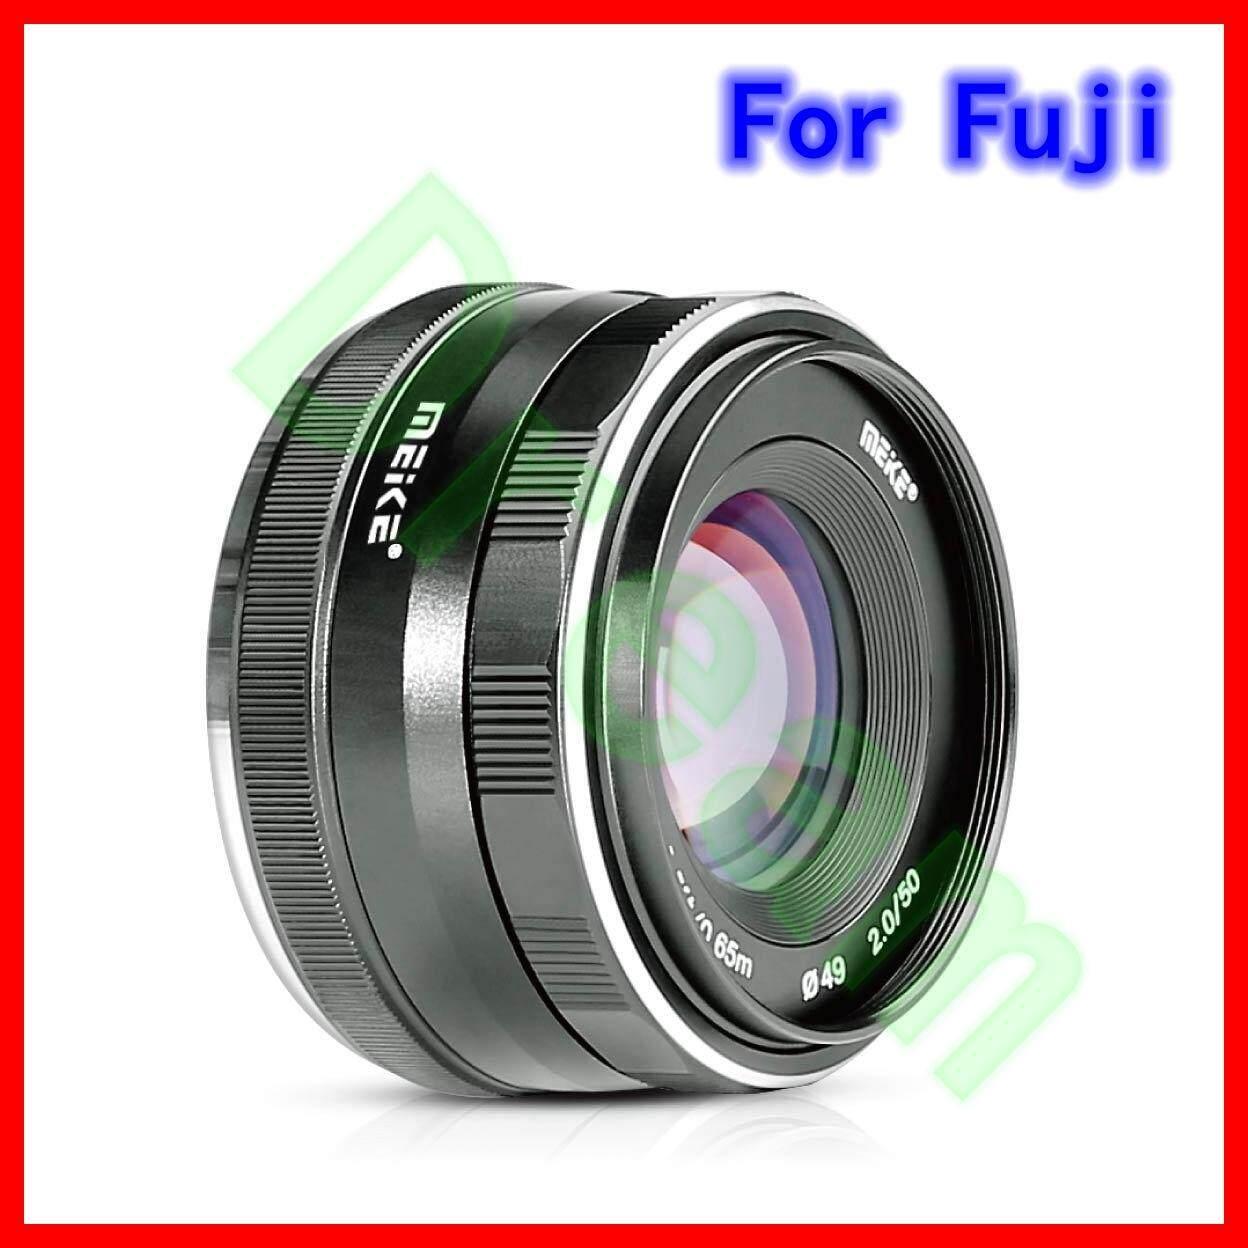 Meike Meike MK-50mm F2.0 50 Mm F 2.0 Large Aperture Manual Focus Lens Fuji Film X Mount Mirrorless APS-C kamera X-Pro2 X-E3 X-T1 X-T2 X-T10 X-T20 X-A2 X-E2 X-E2s X-E1 X30 X70 X-M1 X-A1 XPro1, dll